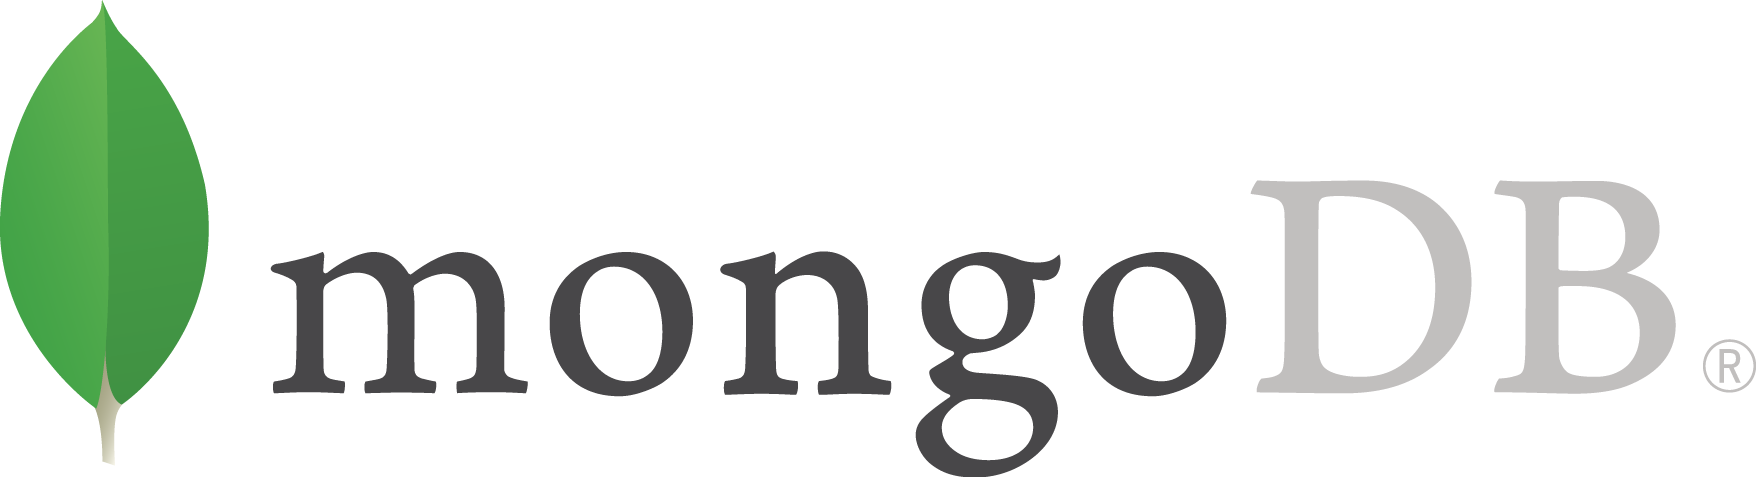 MongoDB 3.6: tutte le novità in un Webinar